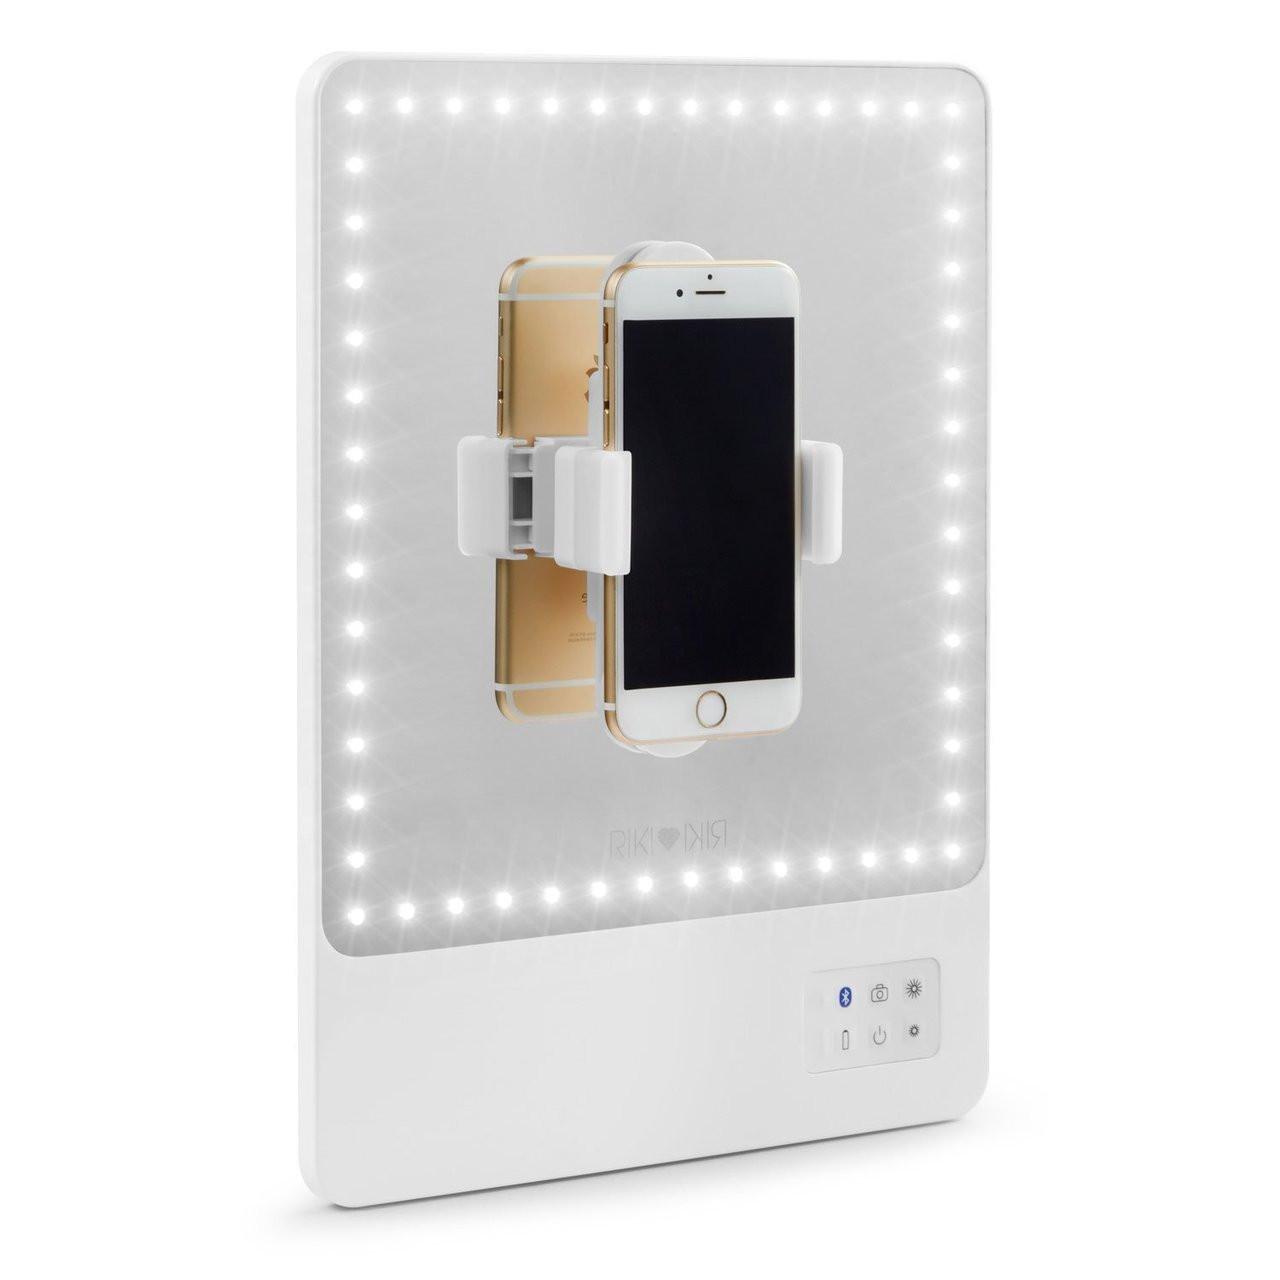 Glamcor Riki Skinny - Best Lighted Makeup Vanity Mirror with Selfie Function